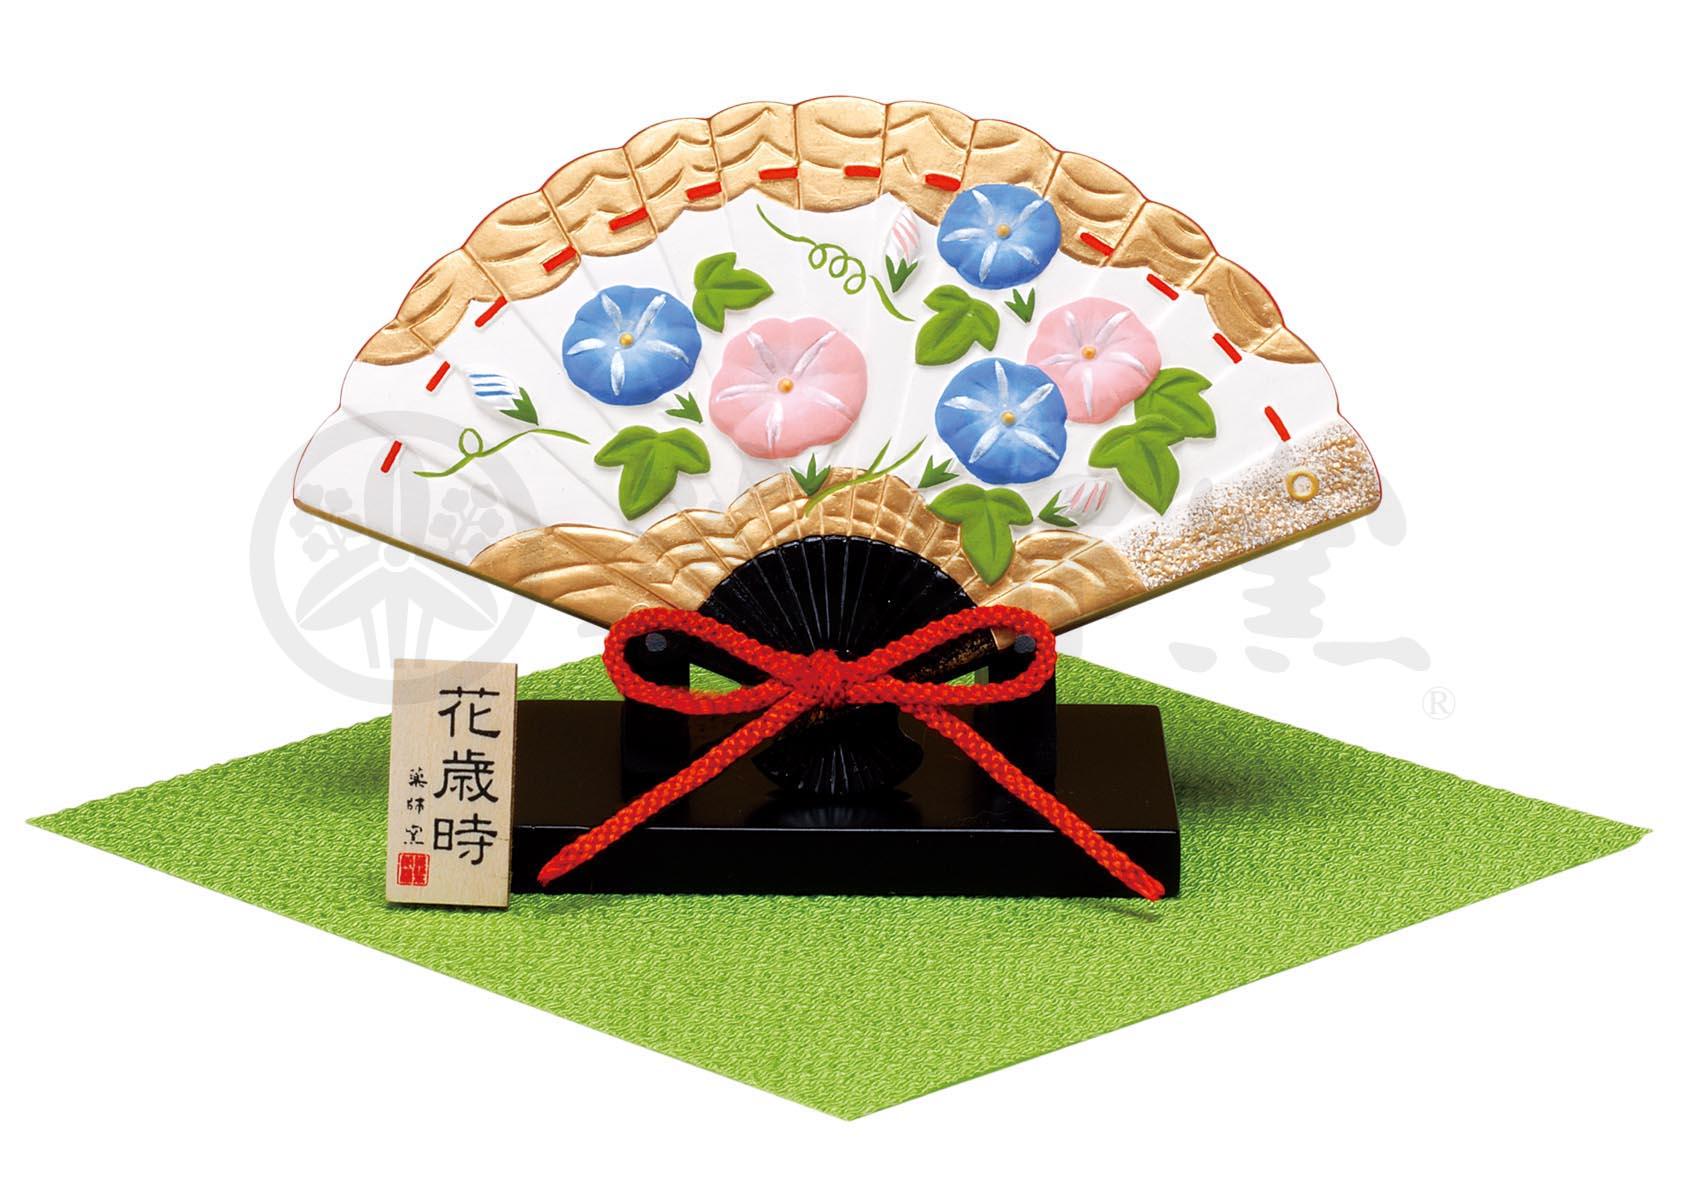 1326錦彩花歳時飾扇(朝顔)